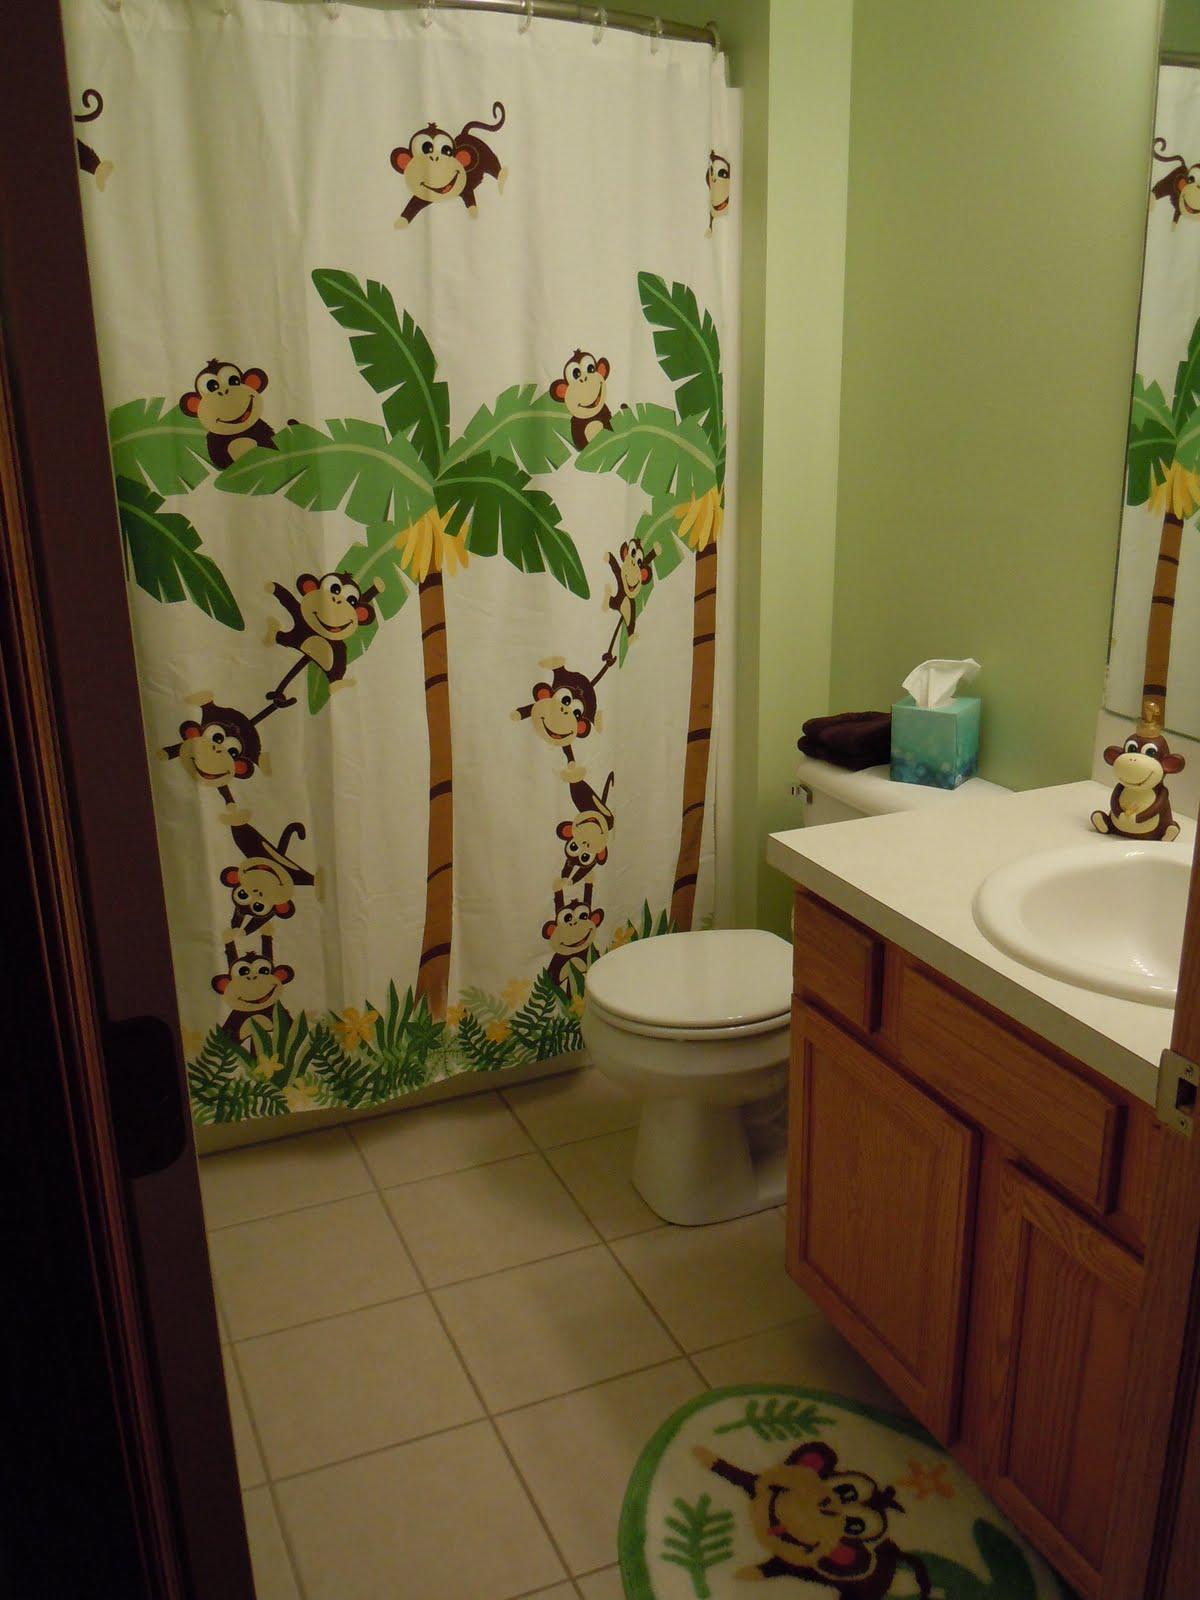 Remarkable Monkey Bathroom 1200 x 1600 · 150 kB · jpeg